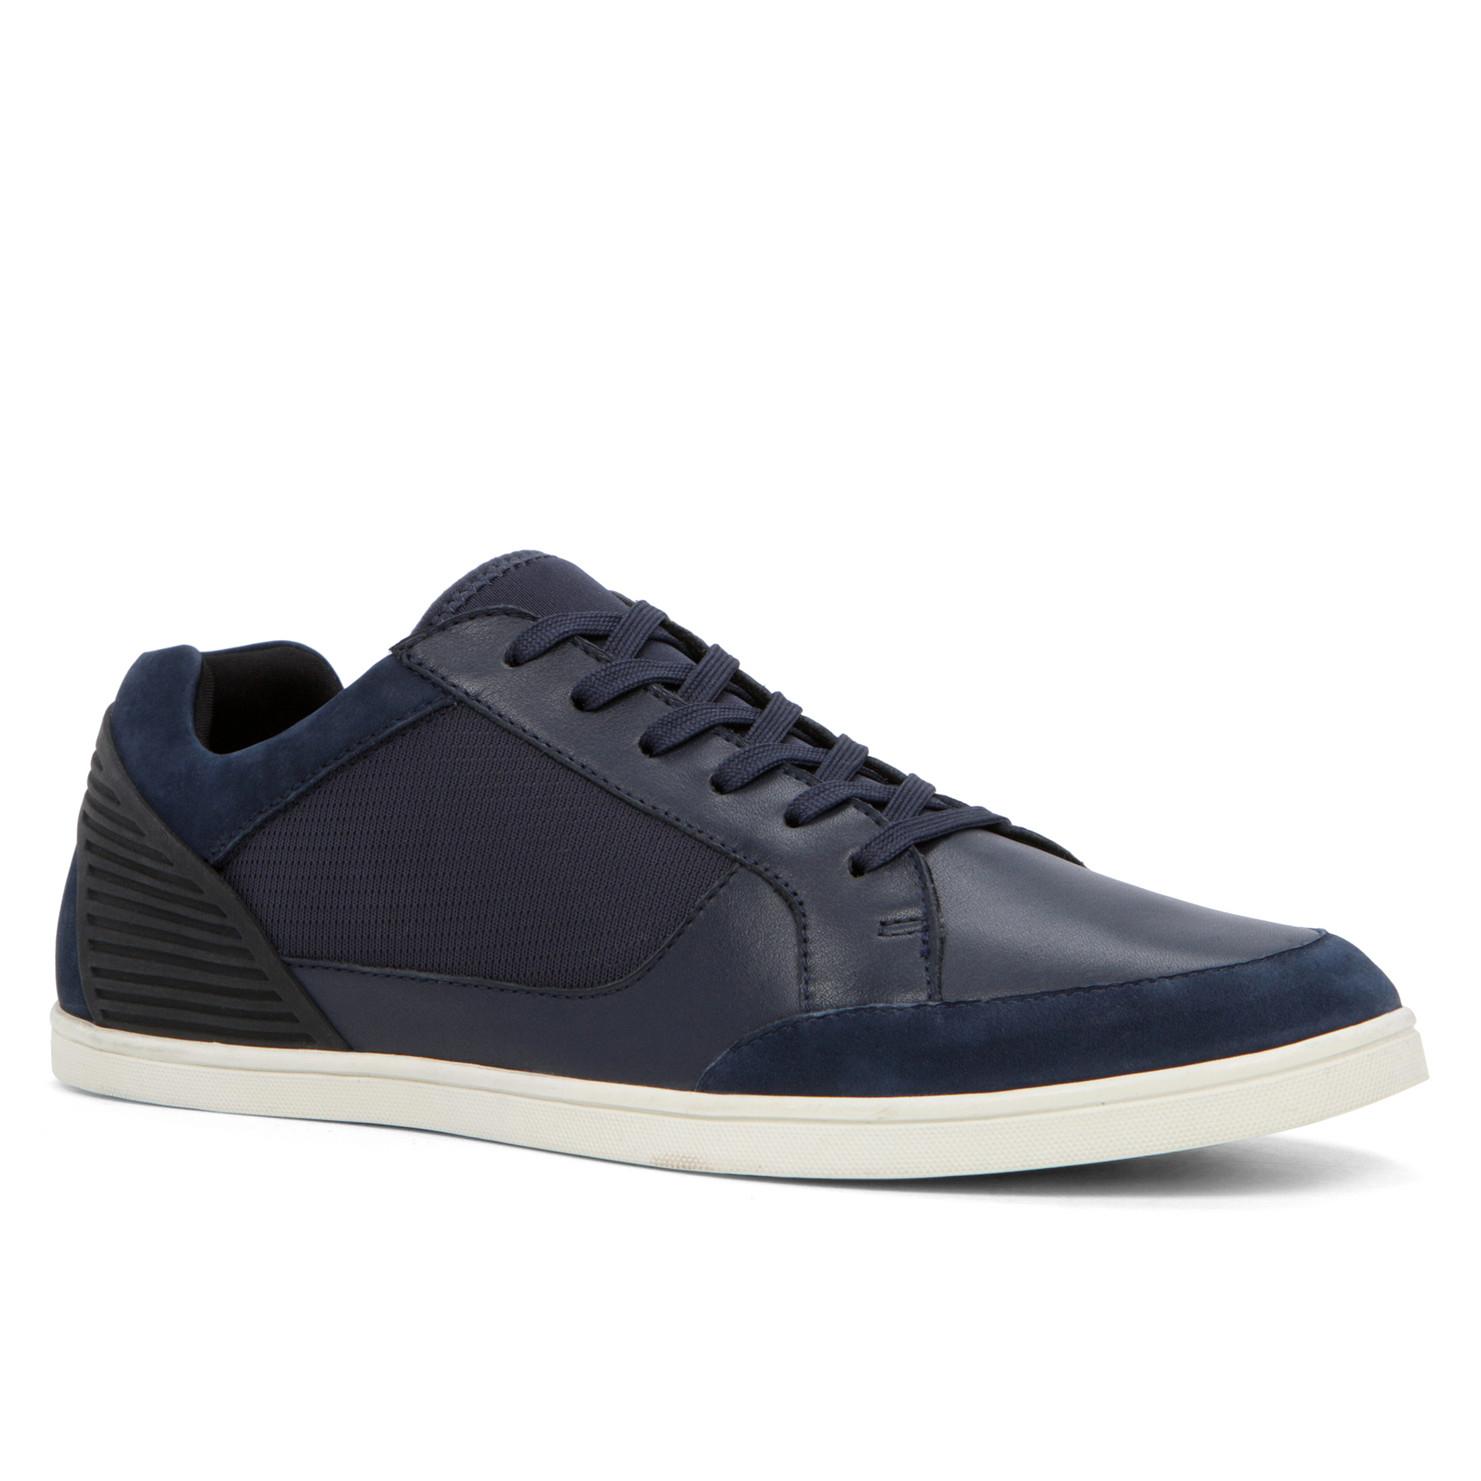 Mens Sagrani Low-Top Sneakers Aldo fMrePu6Ya